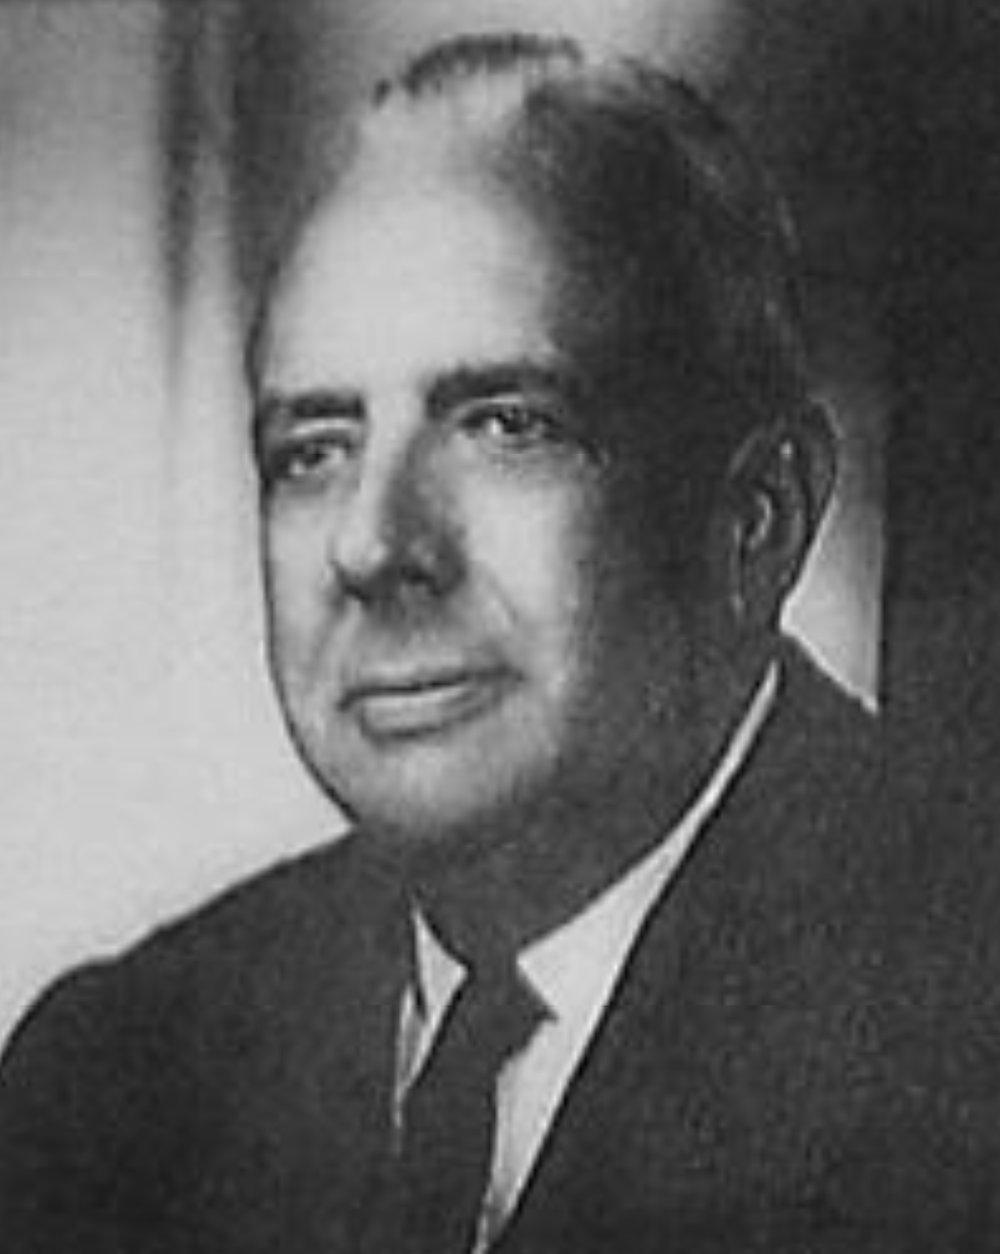 D. R. LAUCK